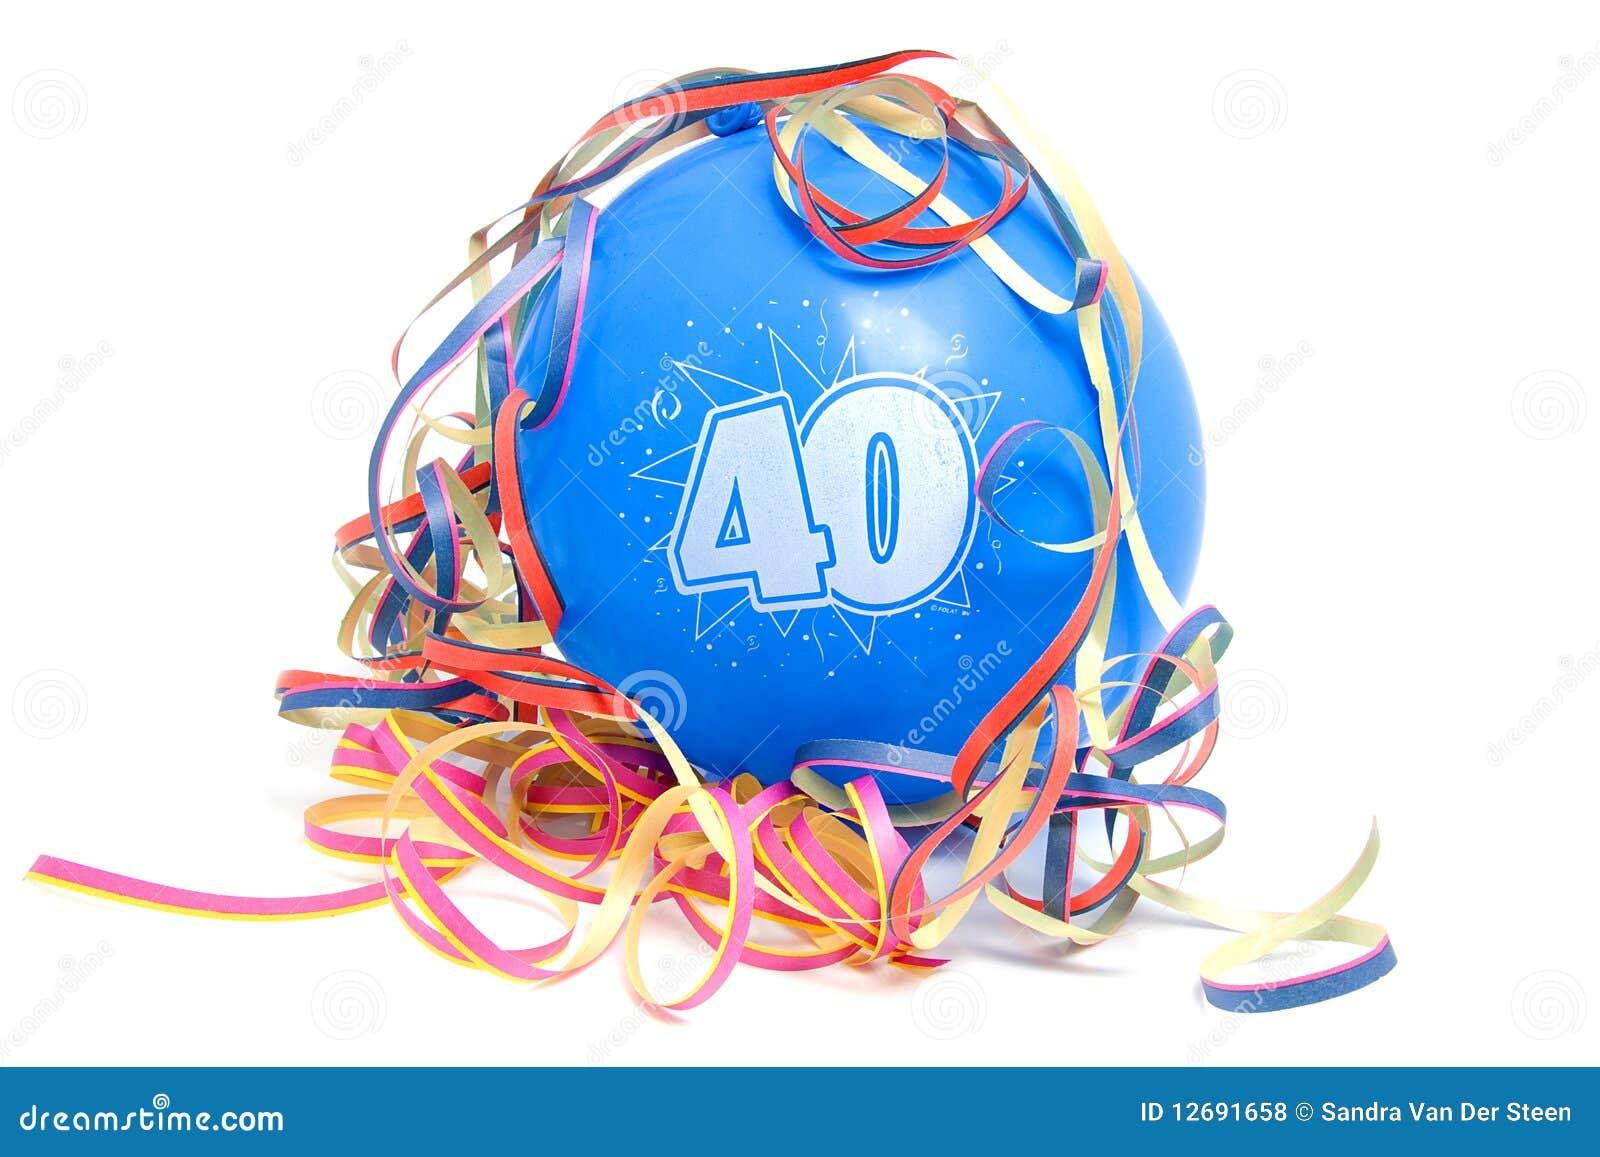 Поздравления мужчине 40 лет